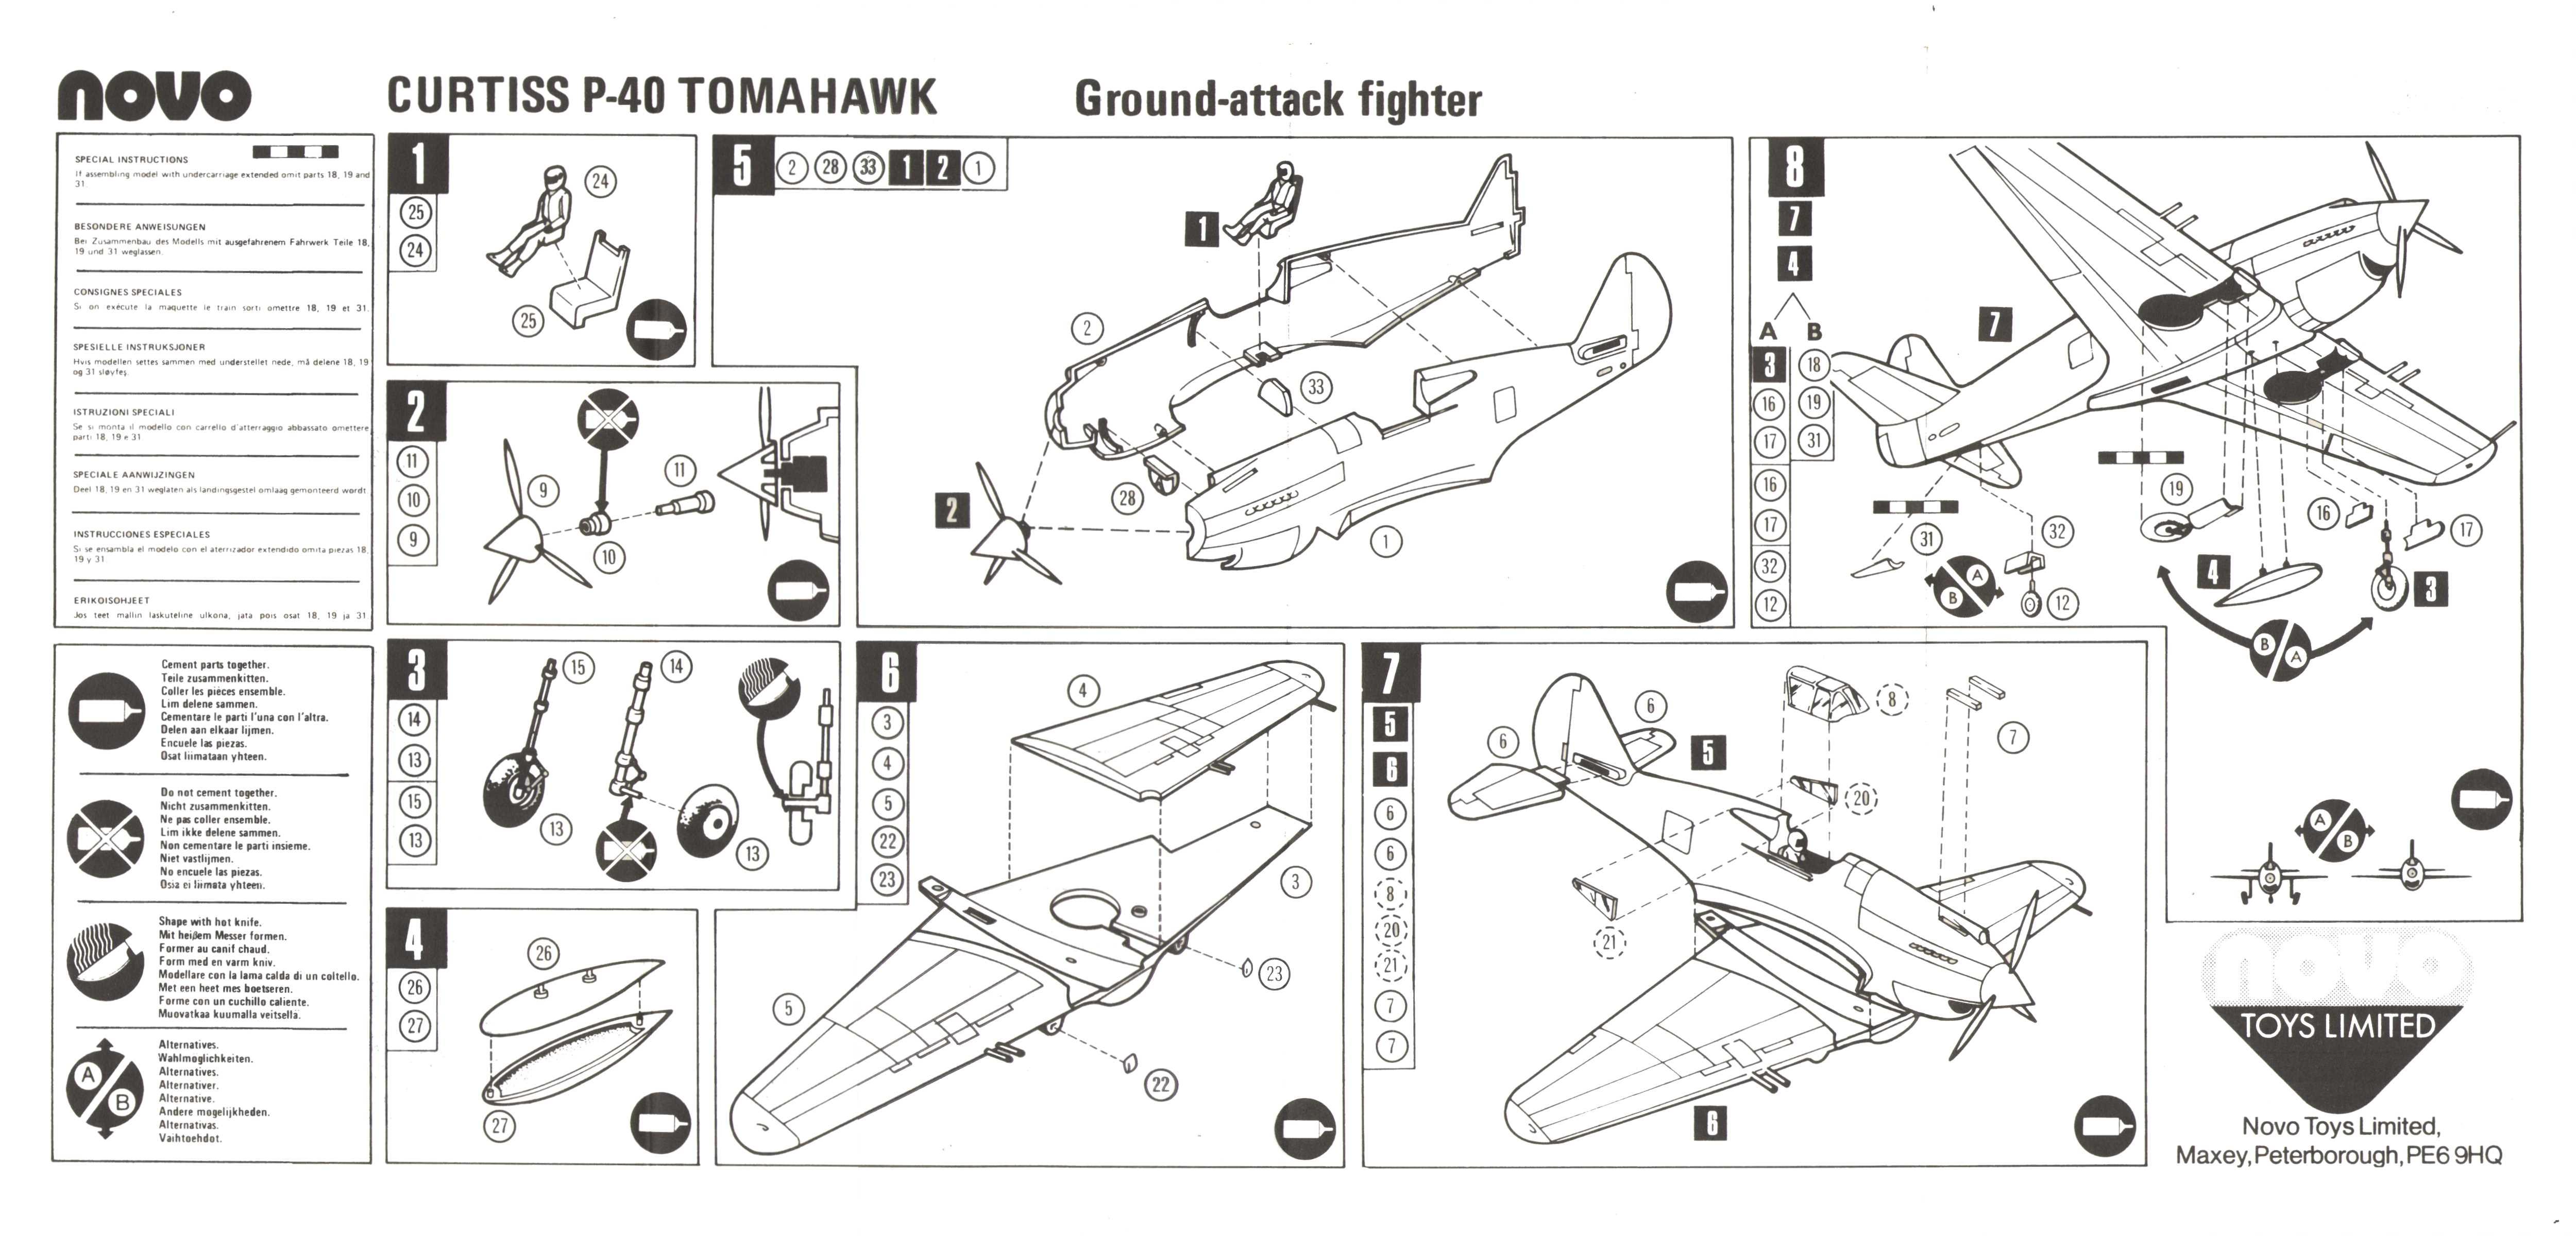 Инструкция по сборке NOVO Toys Ltd F197 Curtiss P-40 Tomahawk